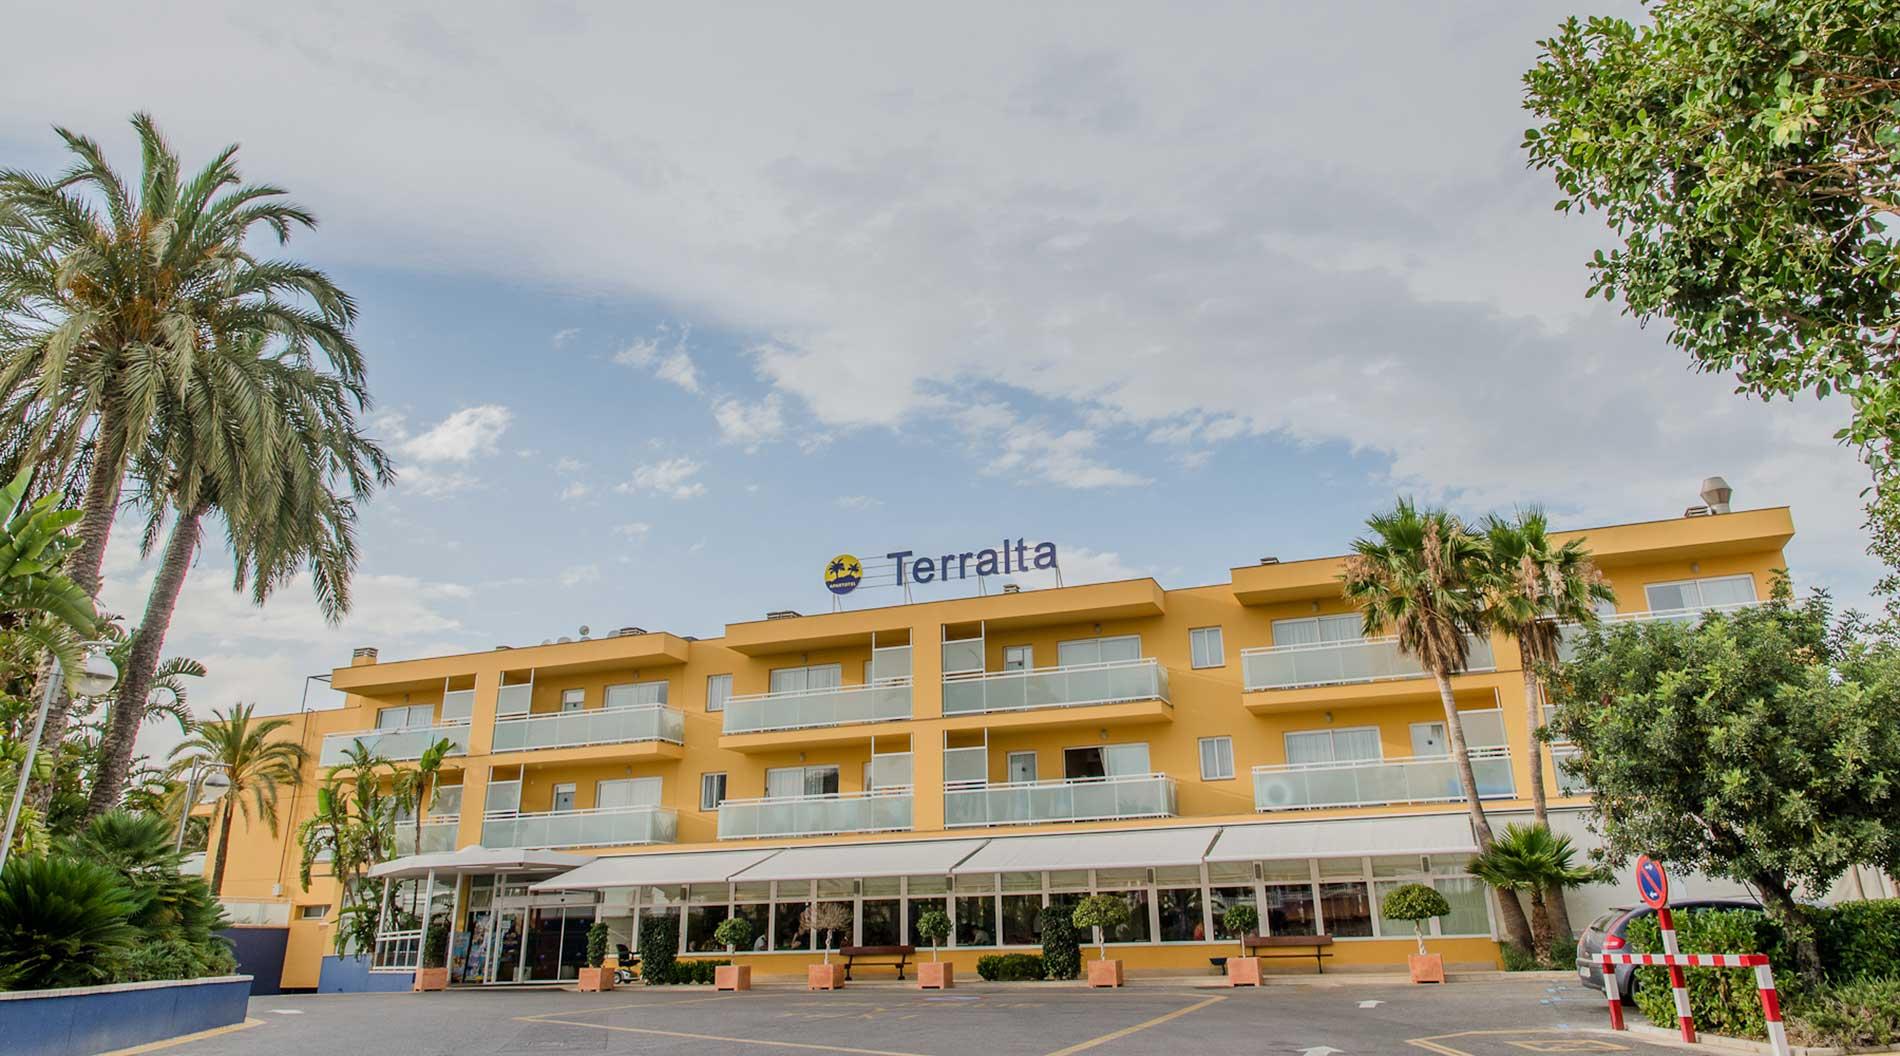 APARTAMENTOS TERRALTA - Hotel cerca del Parque Temático Terra Mítica